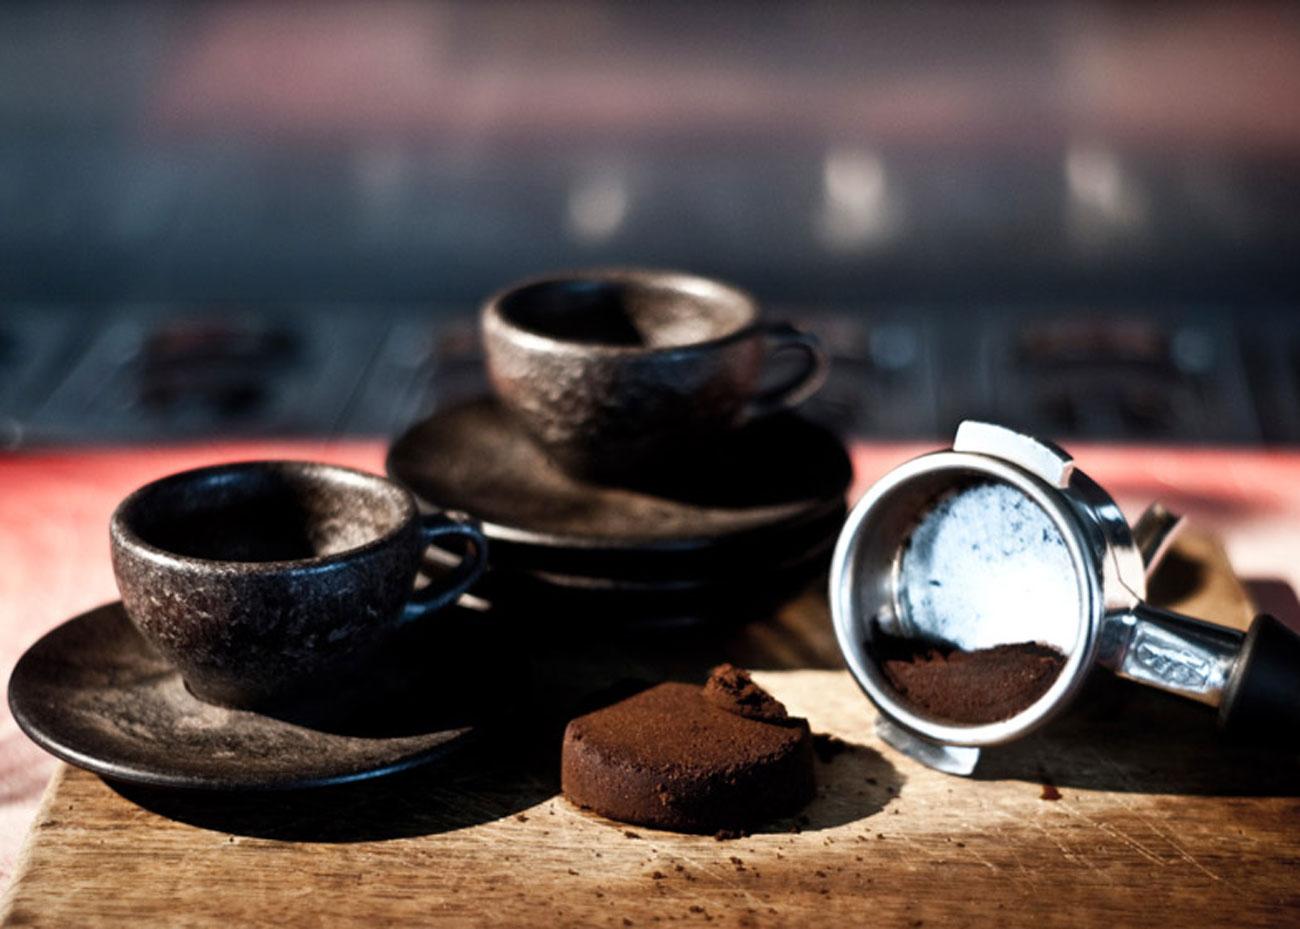 Kaffeeform Julian Lechner